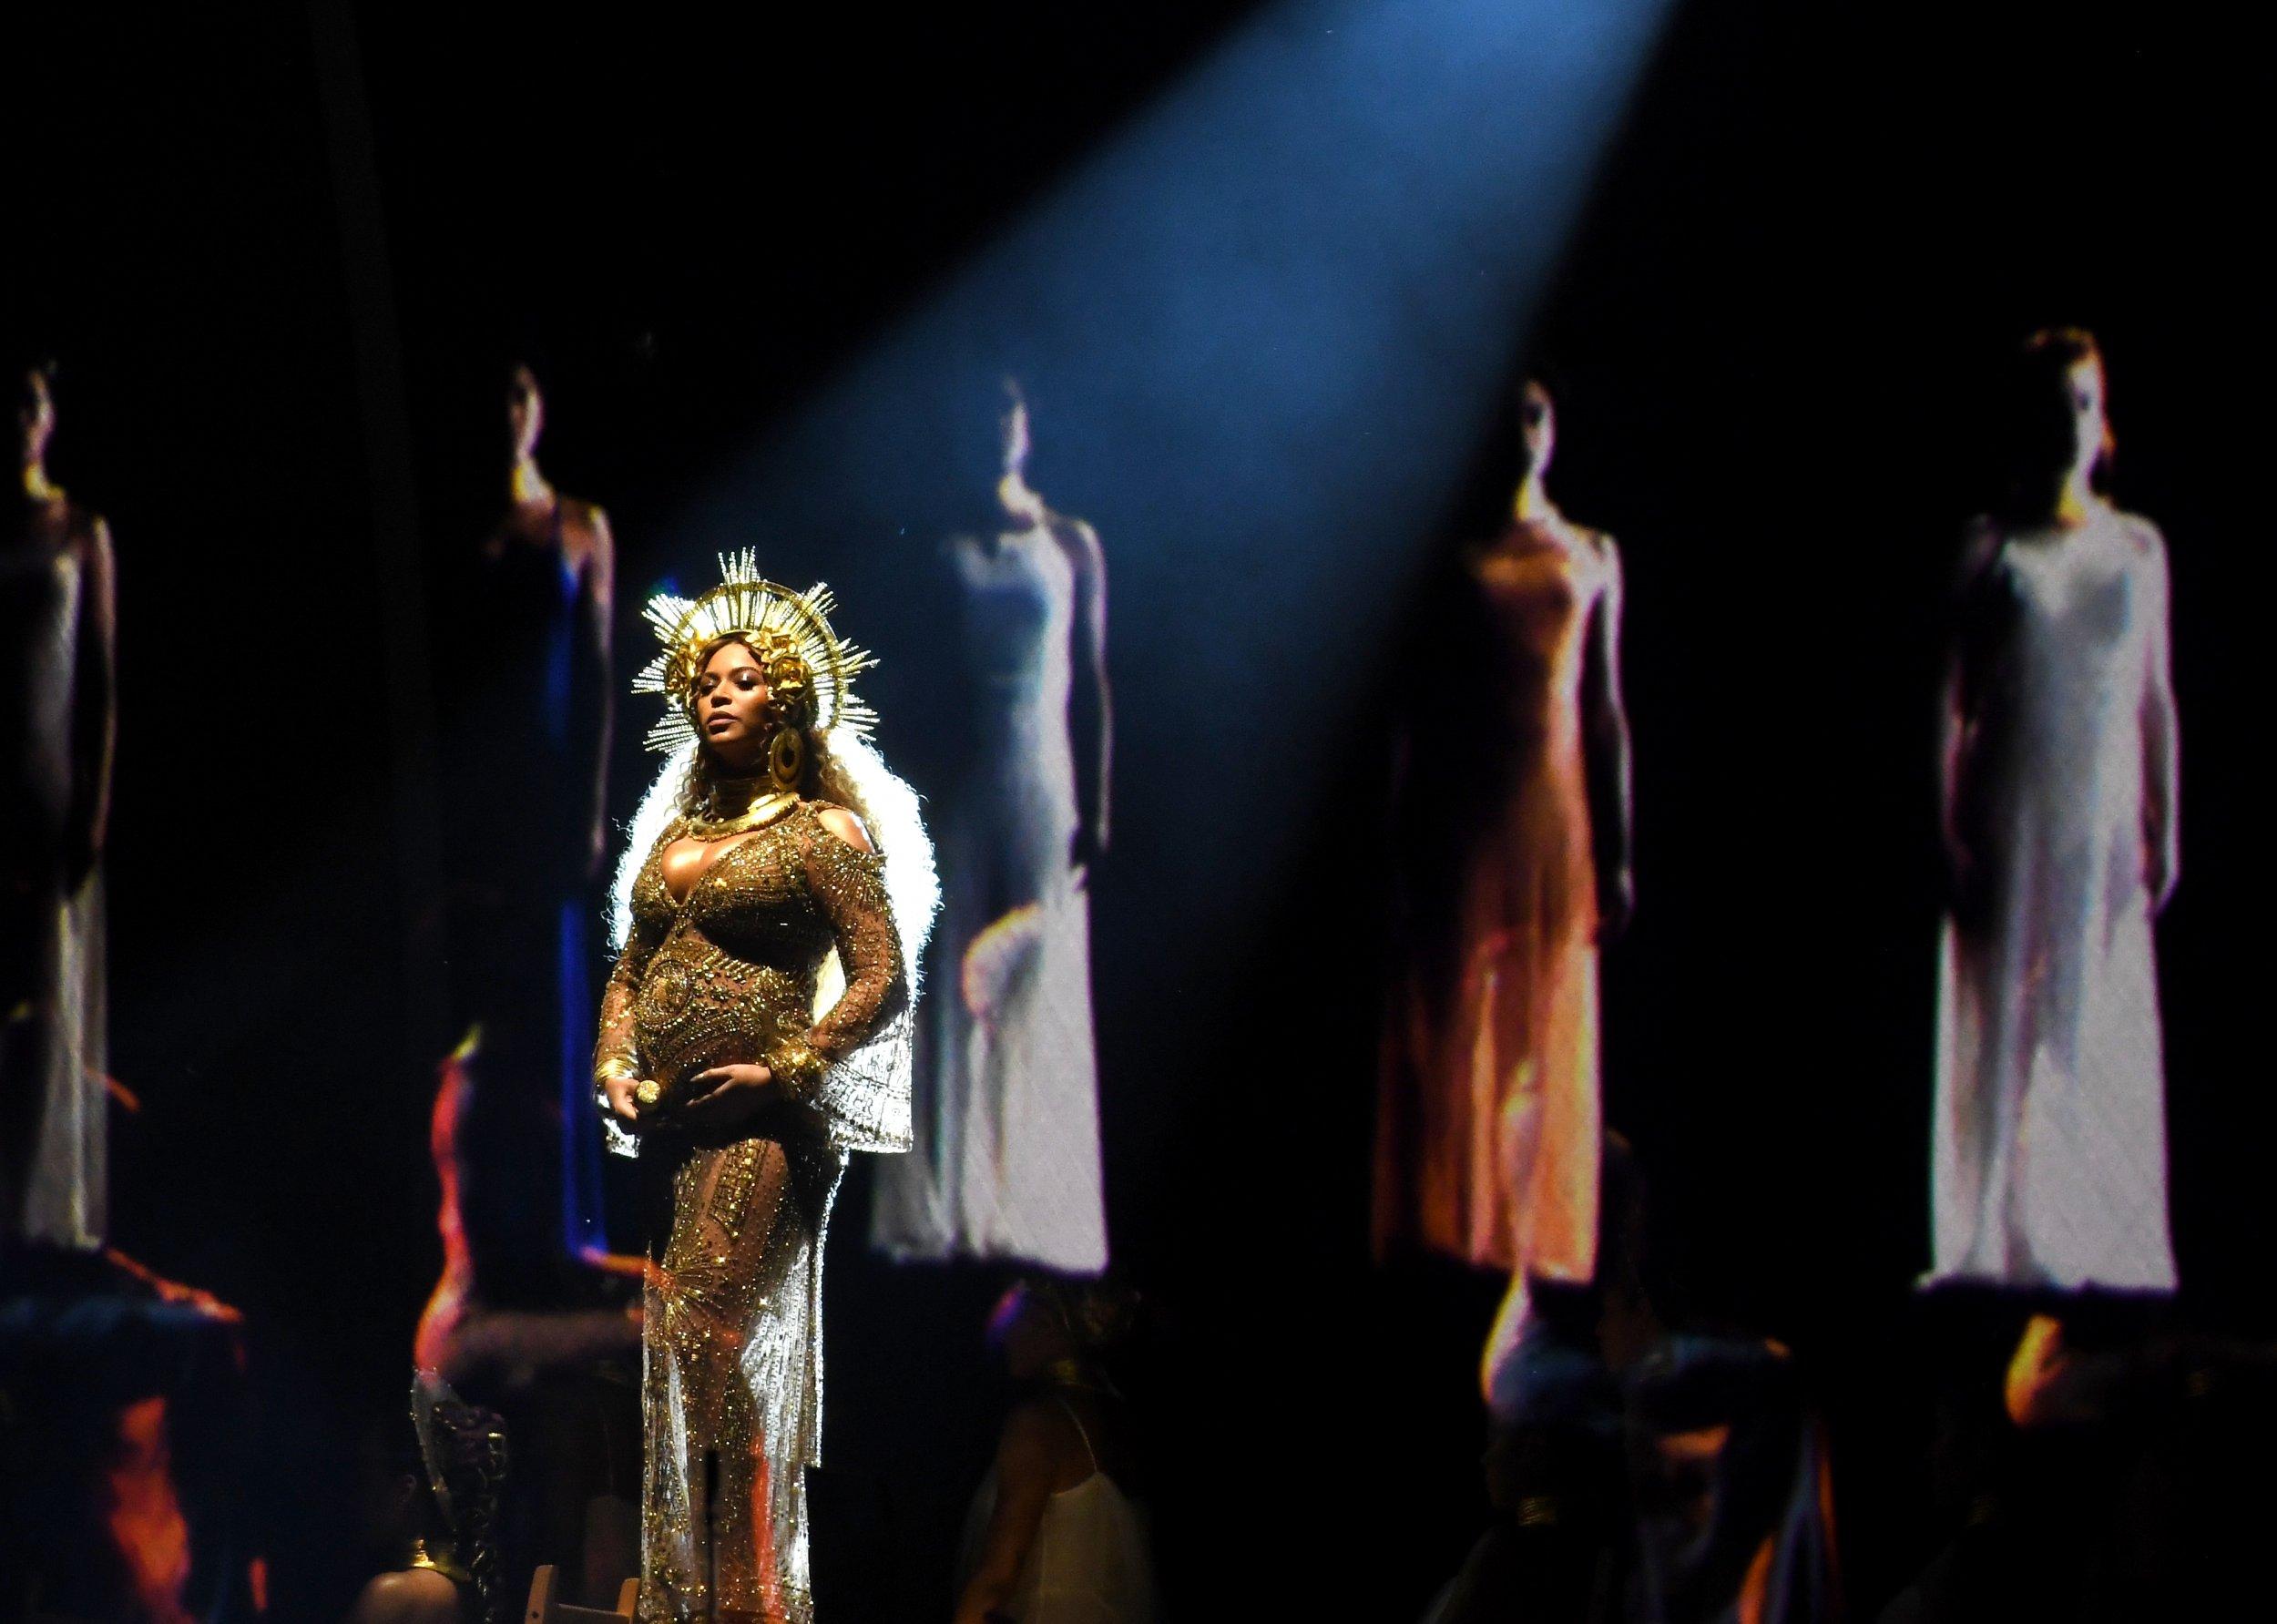 Beyonce will headline Coachella